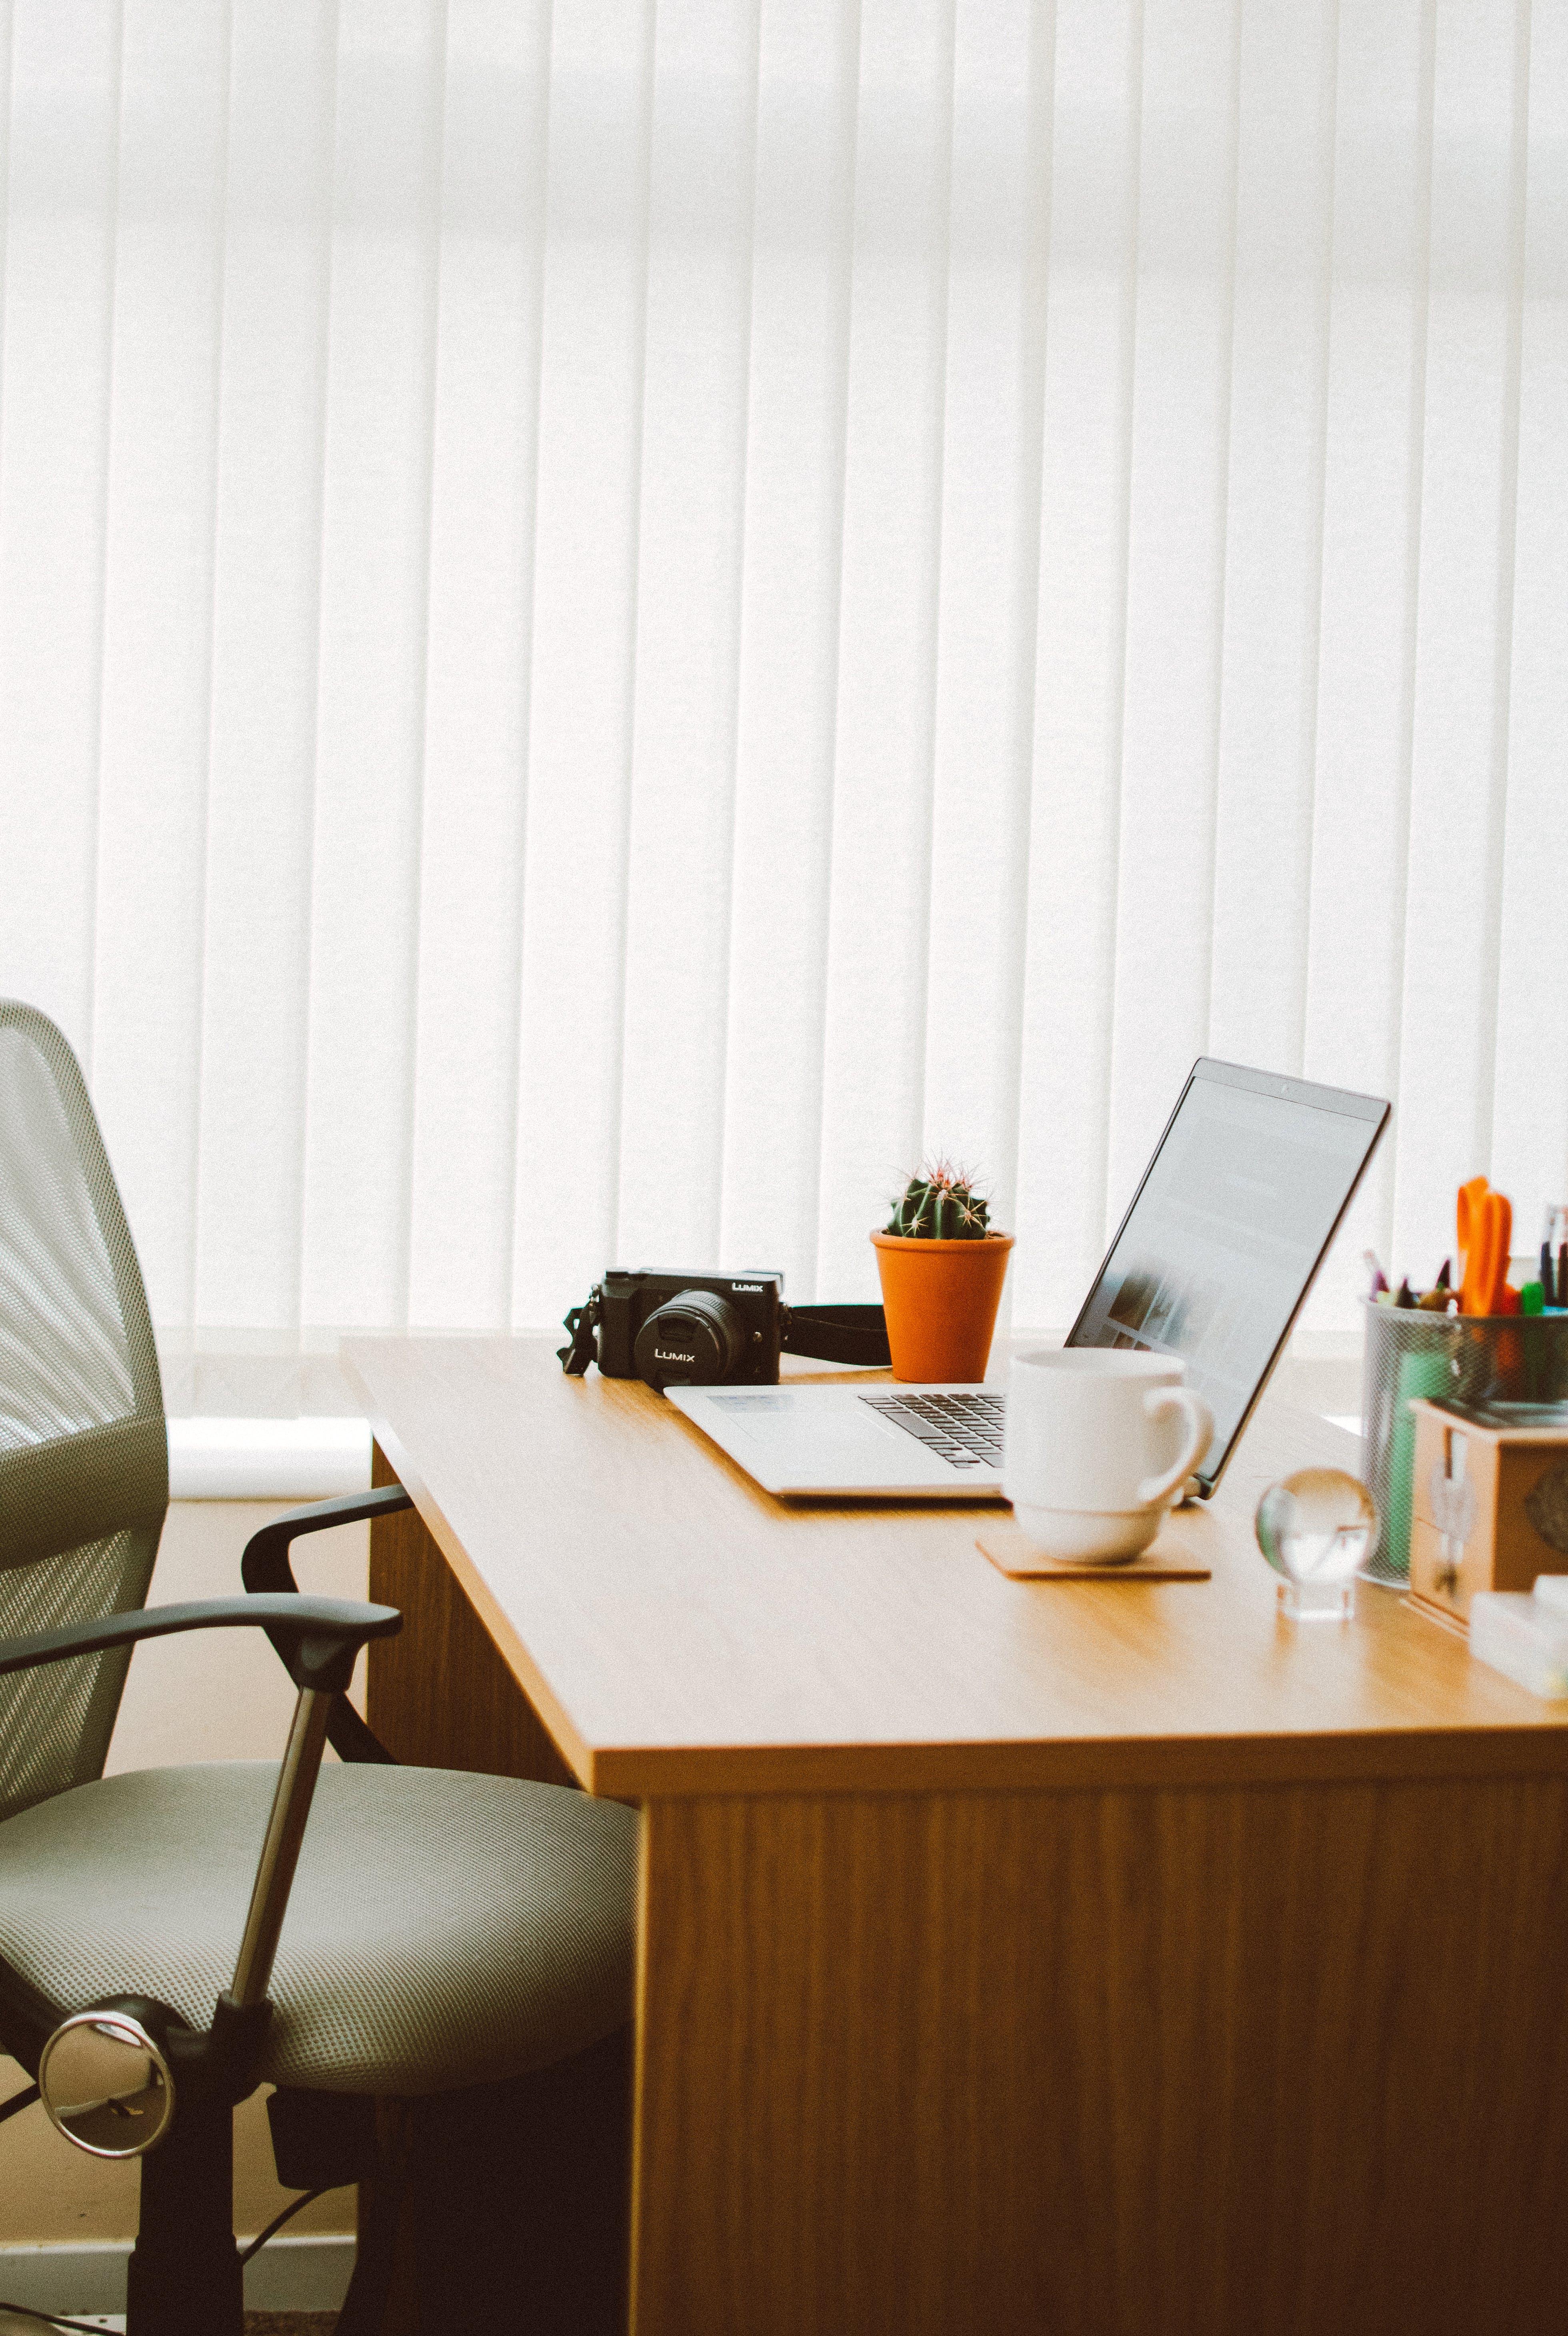 Kostenloses Stock Foto zu laptop, raum, schreibtisch, sitz